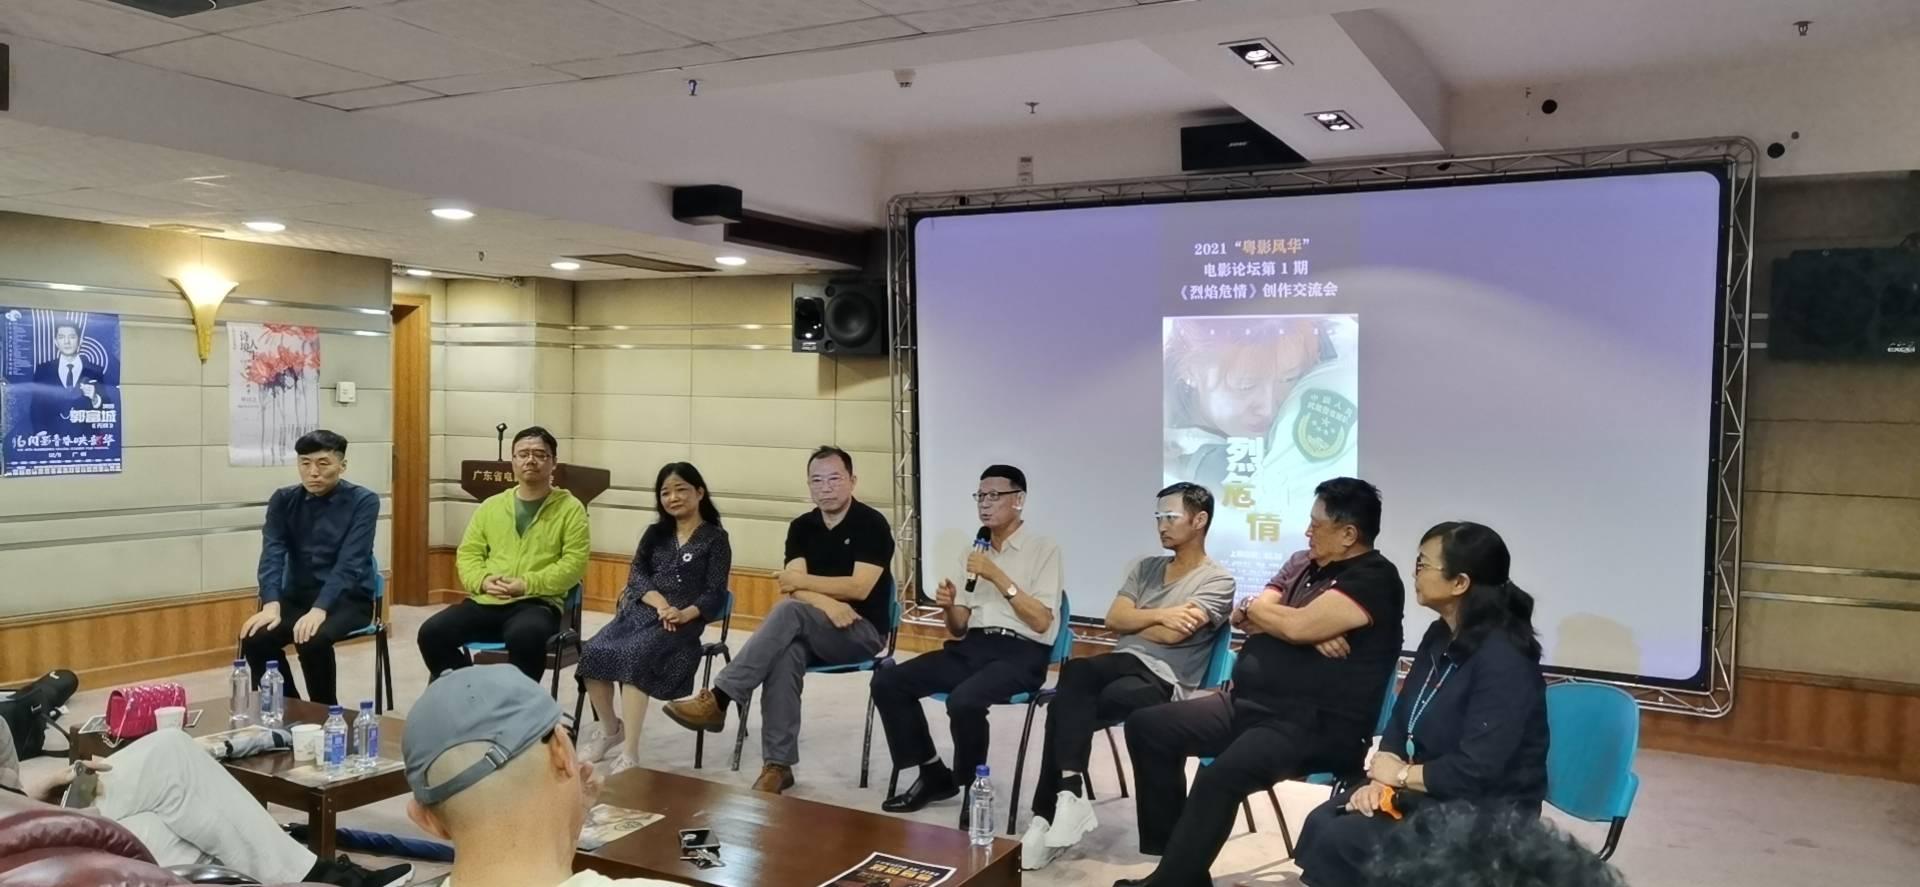 摩登6平台注册广东省电影家协会在广东省文学艺术中心举办影片《烈焰危情》观摩分享会,数十名电影业内专家、从业者以及消防救援指战员参加(图3)